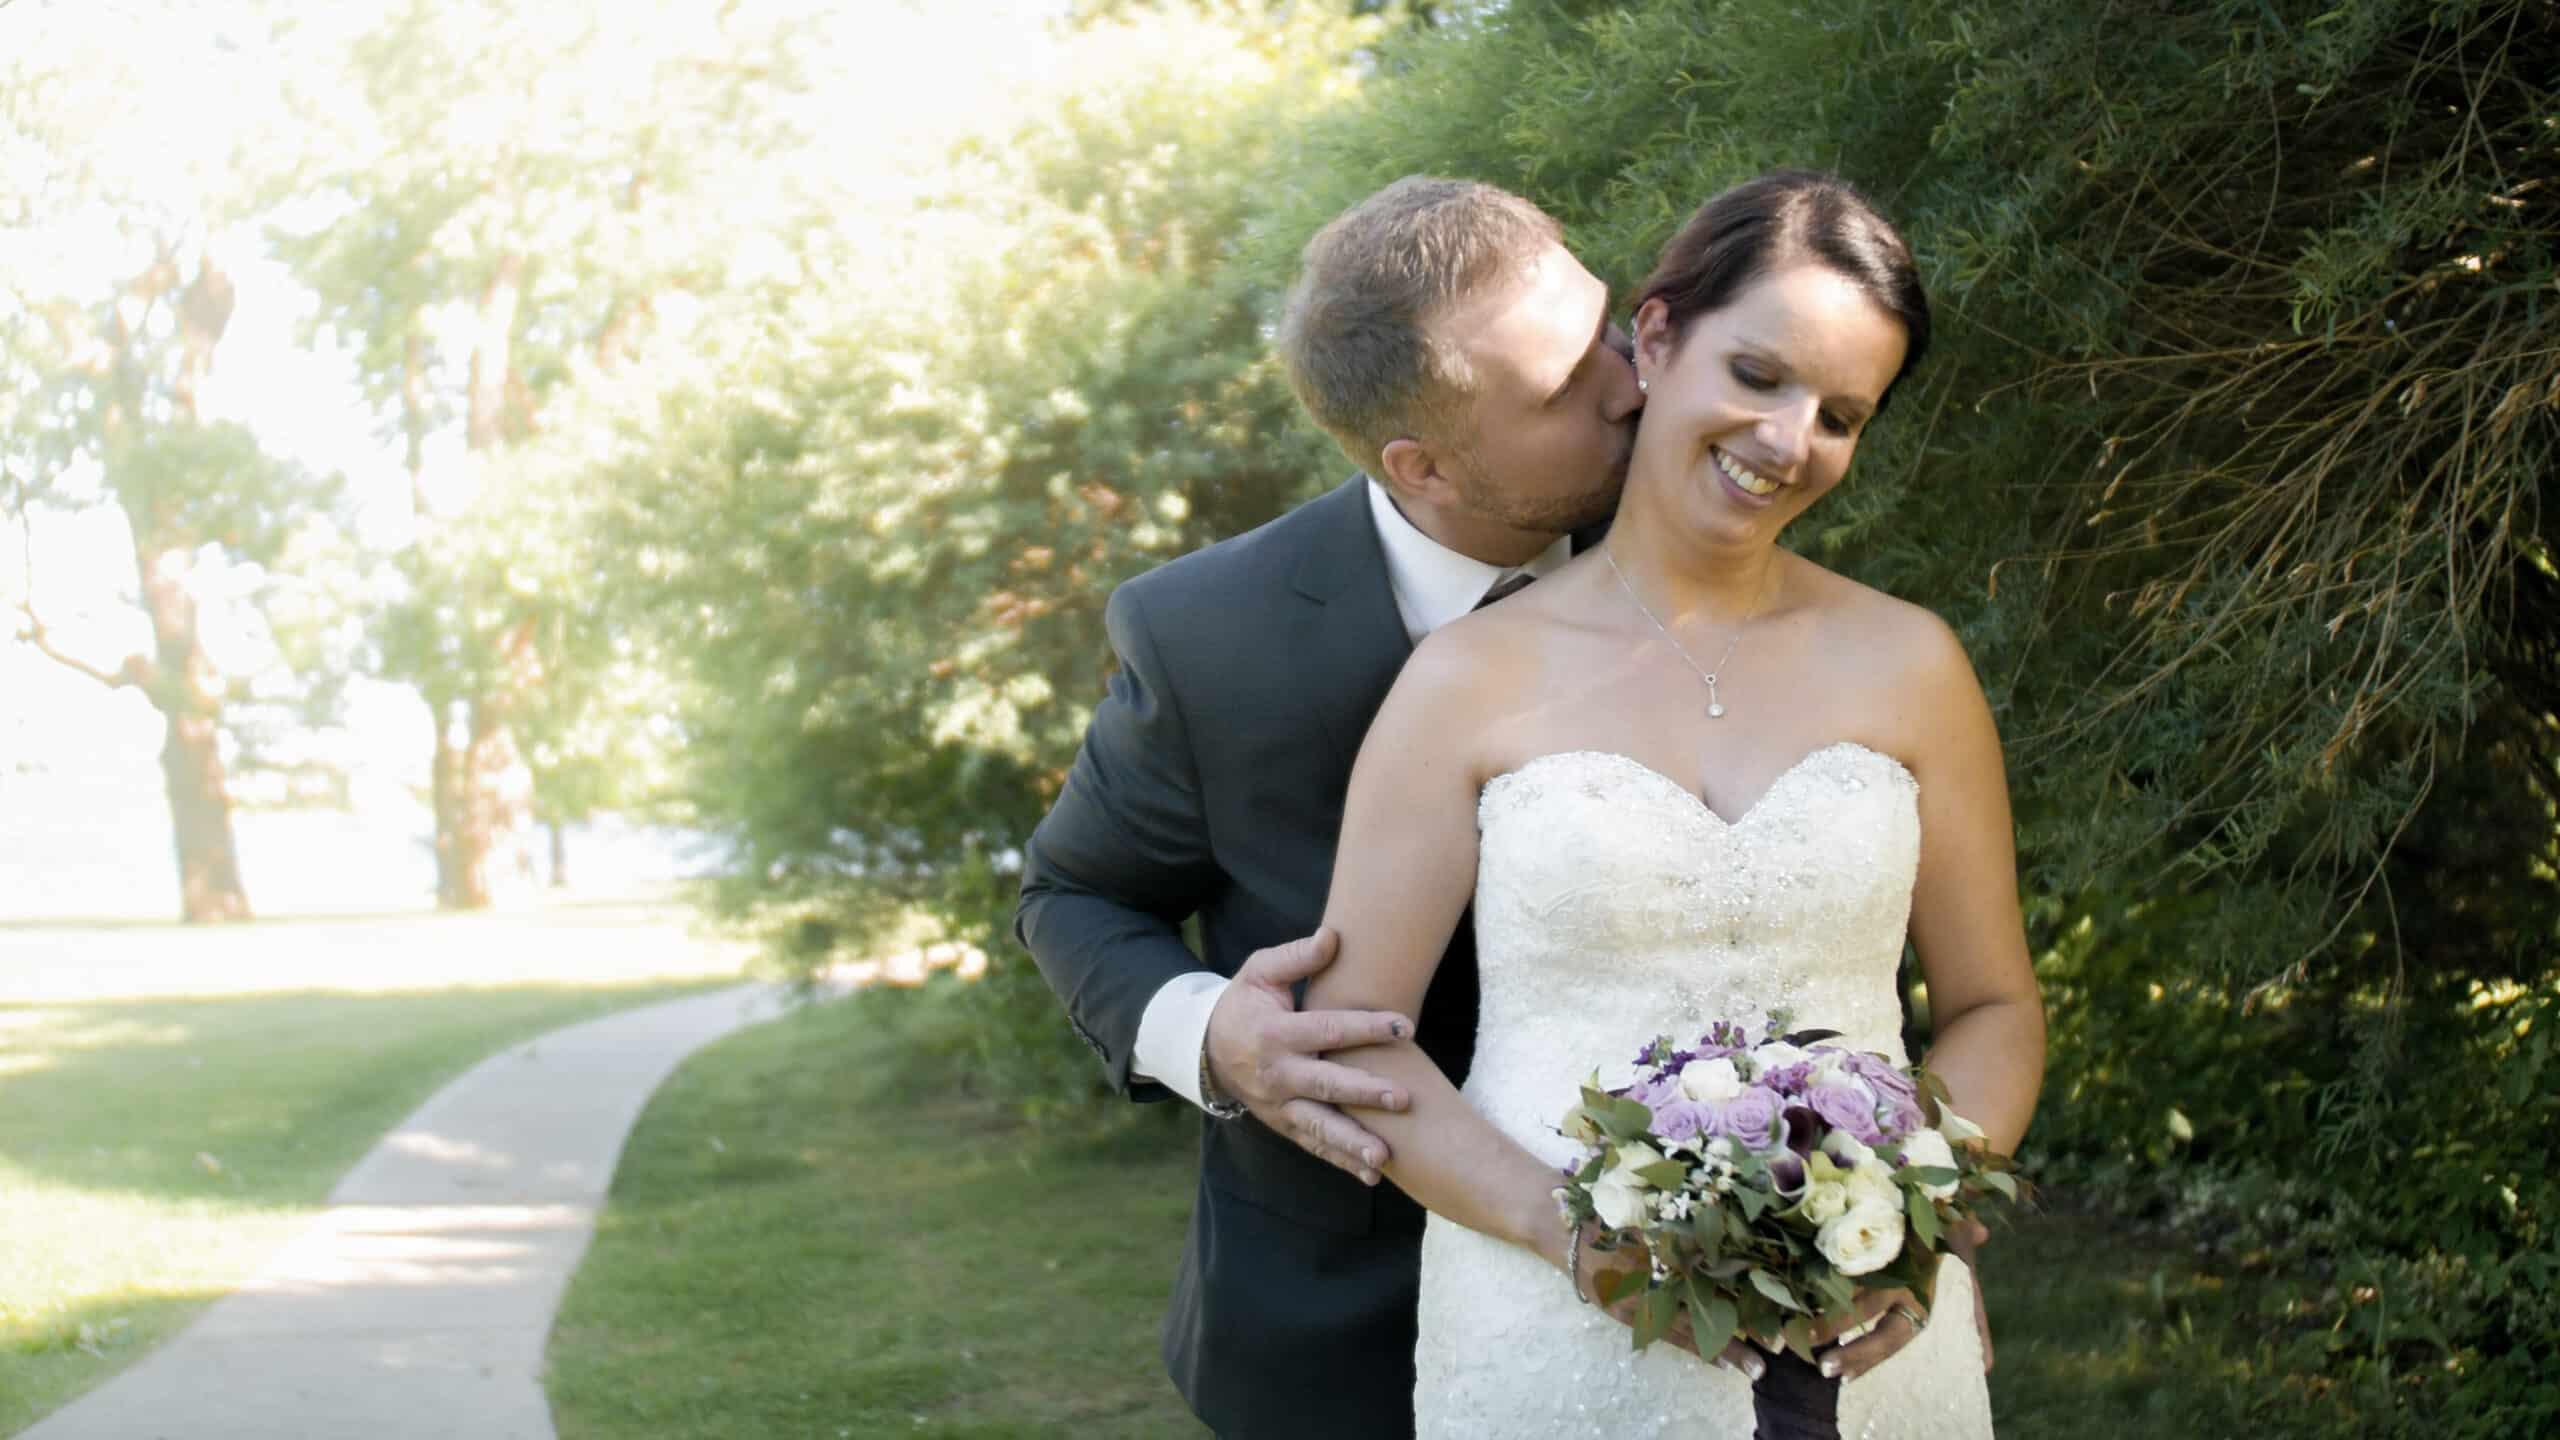 Mariage, Couple de mariés, vidéo de mariage, film de mariage, Mariage au Collège Militaire